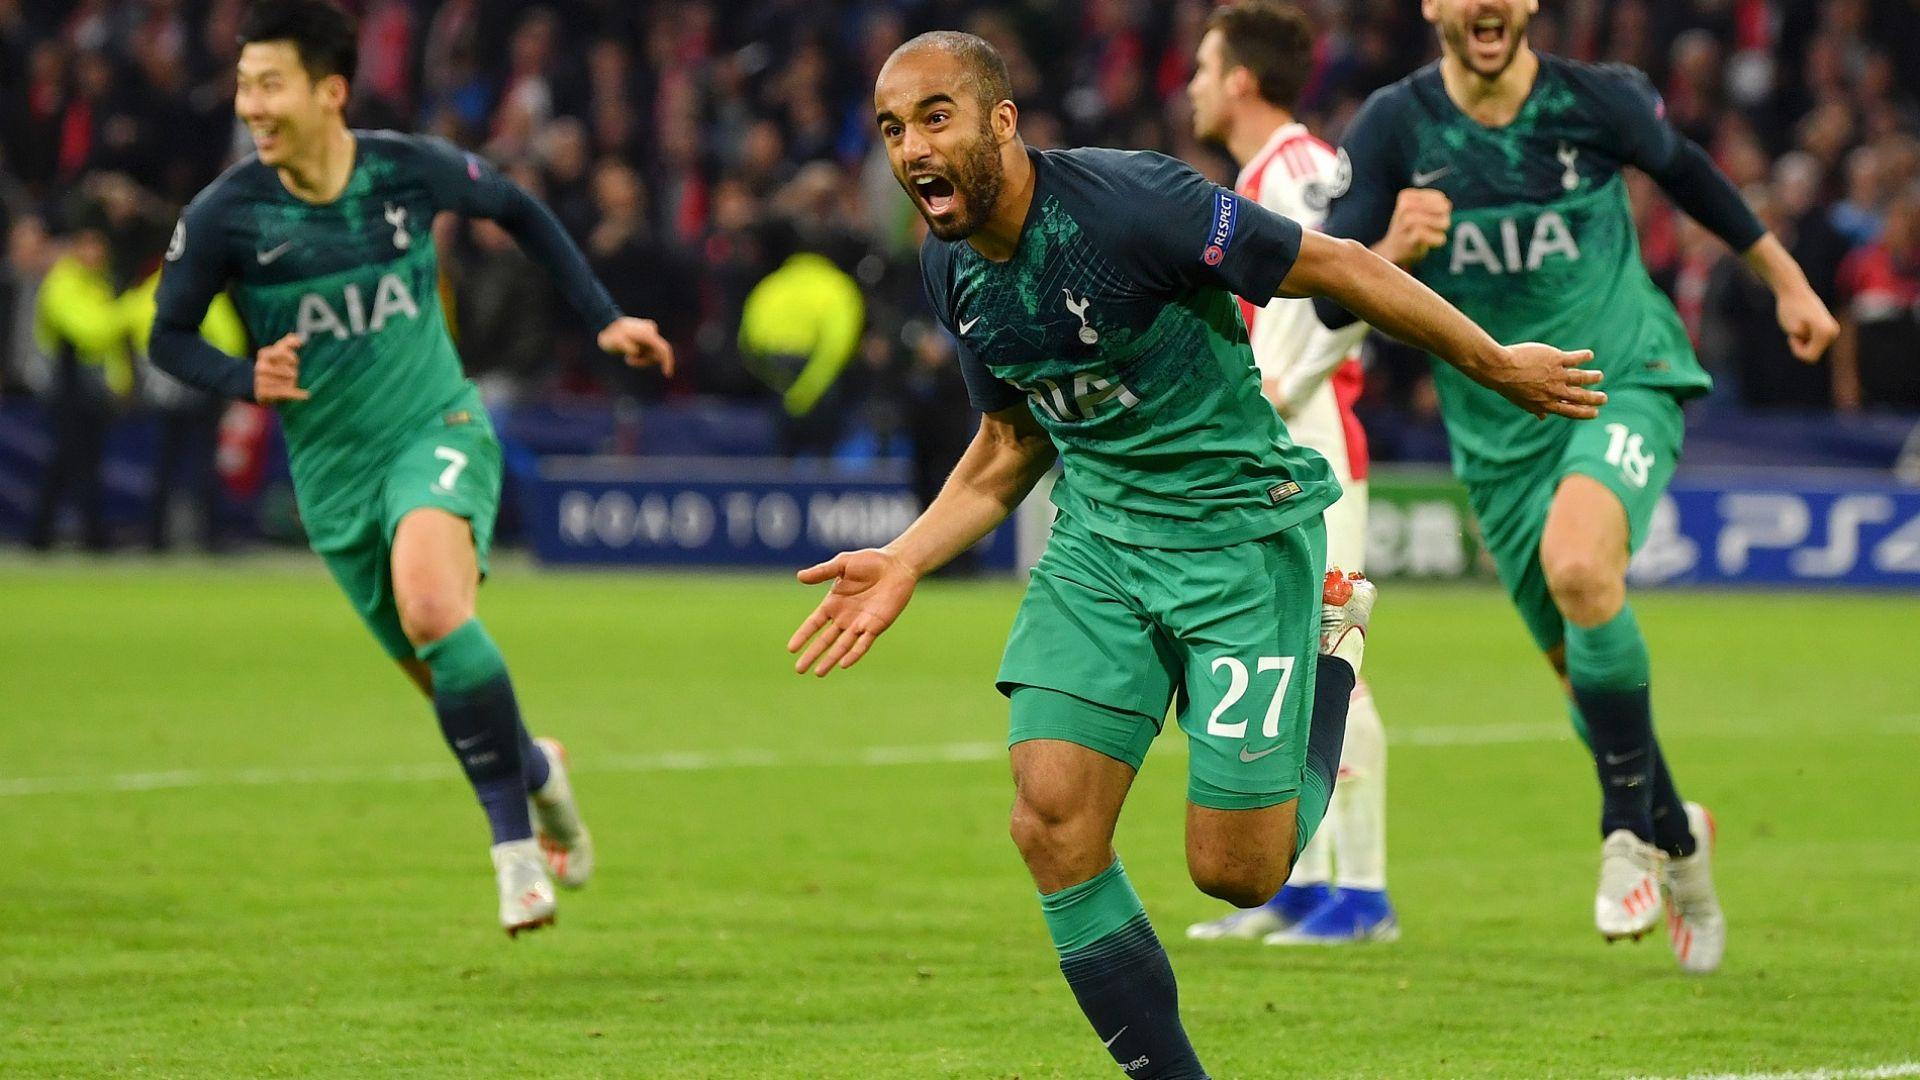 УЕФА с първи стъпки към премахването на правилото за гол на чужд терен